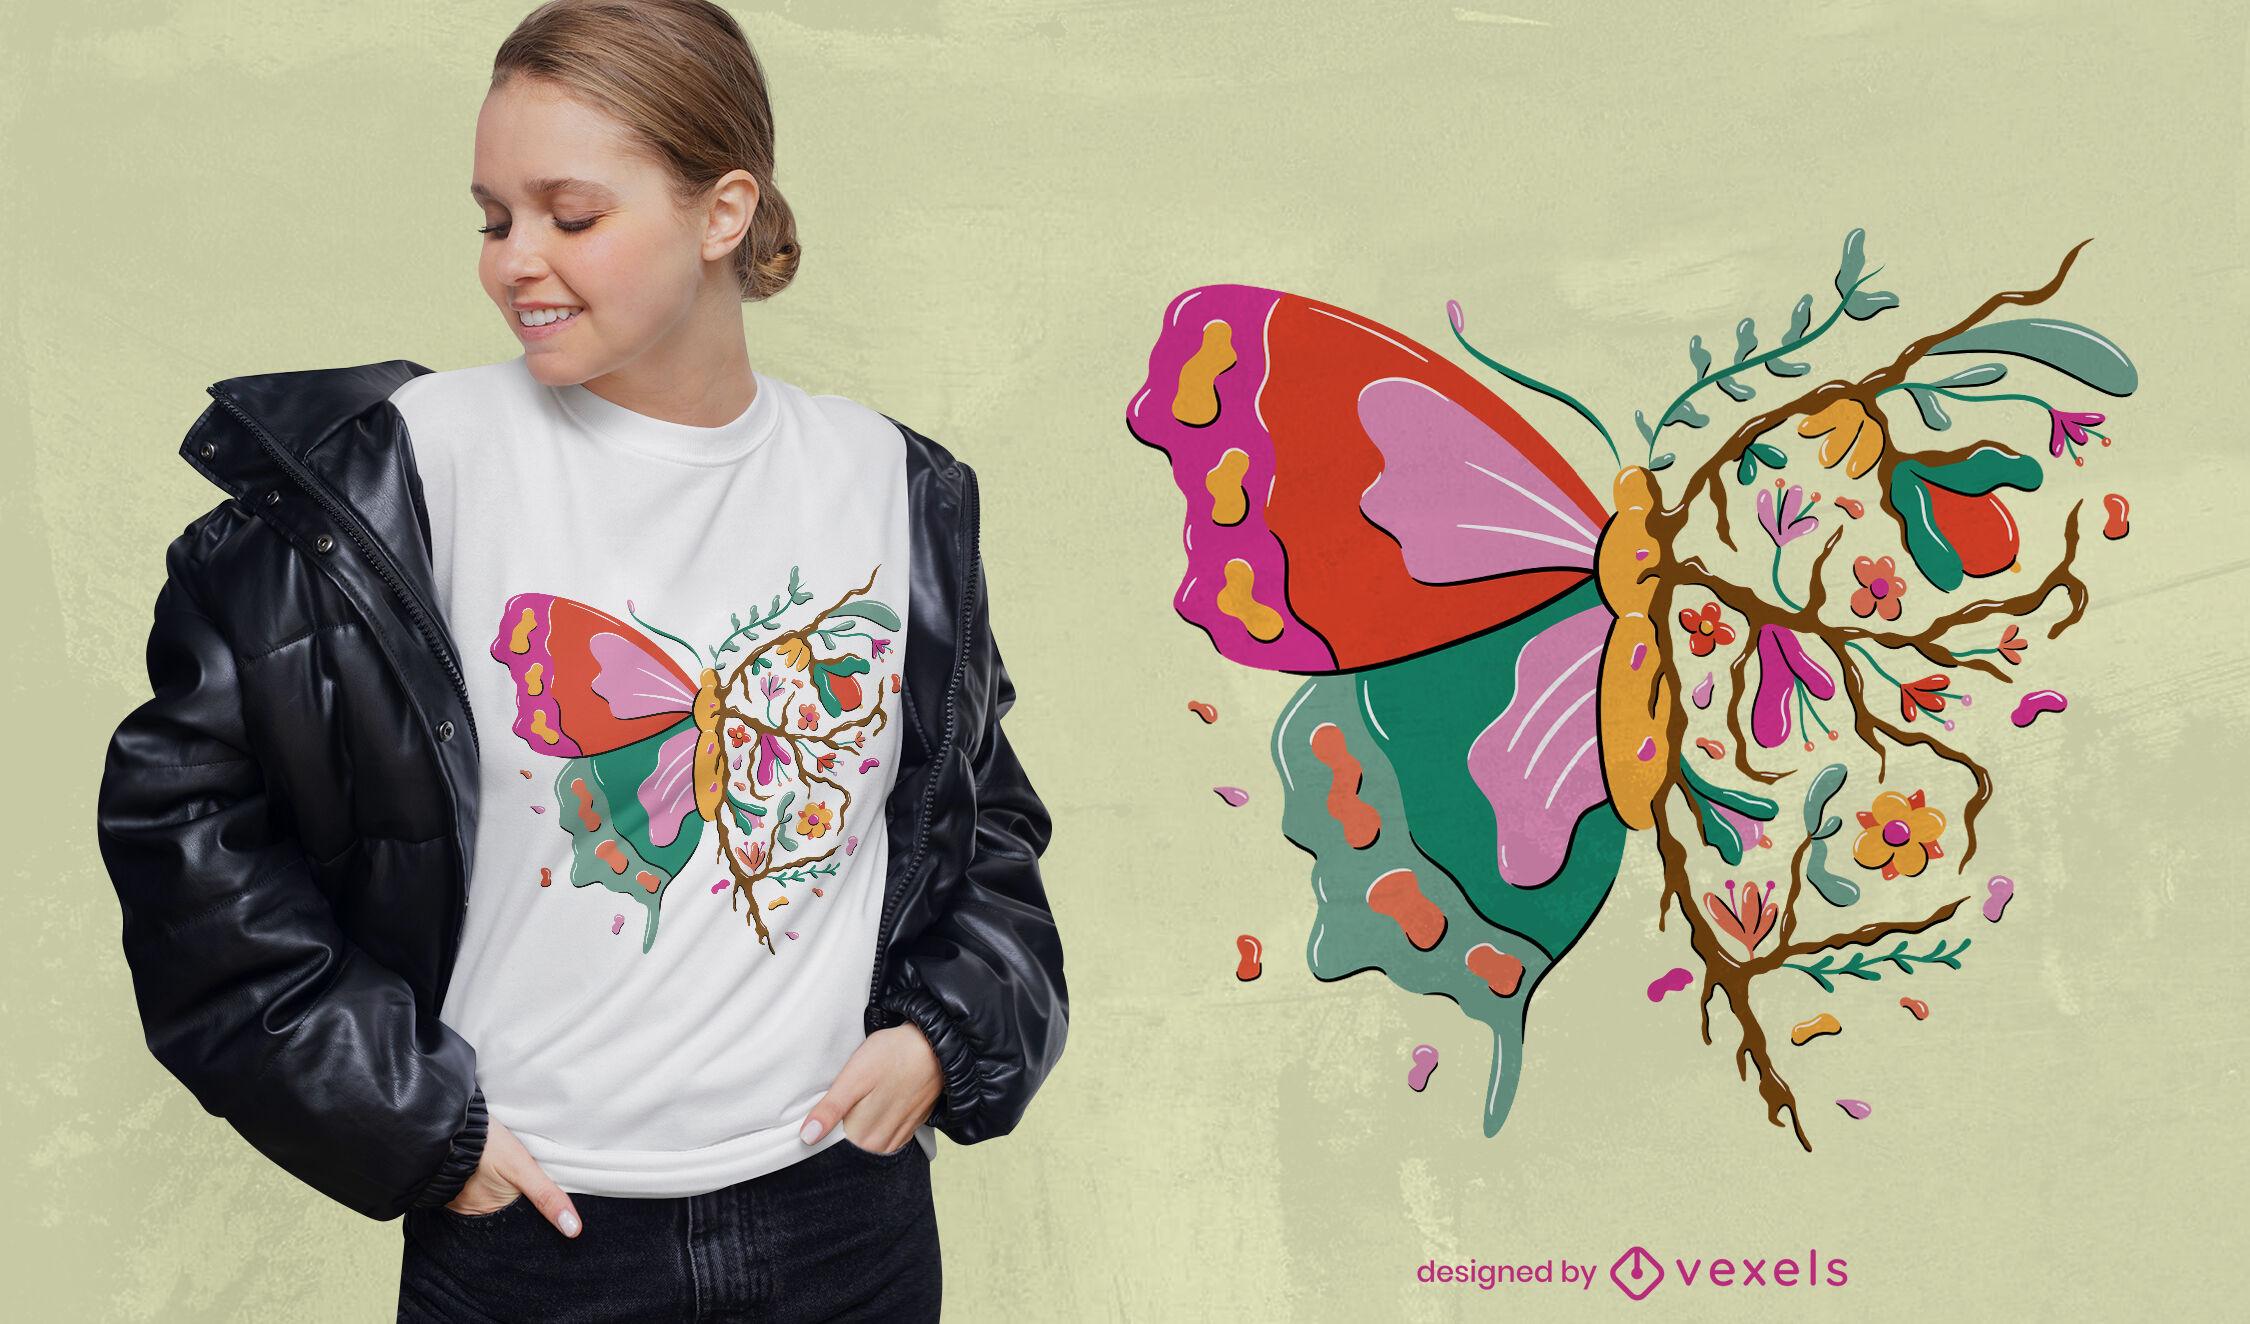 Dise?o de camiseta de hojas de mariposa.